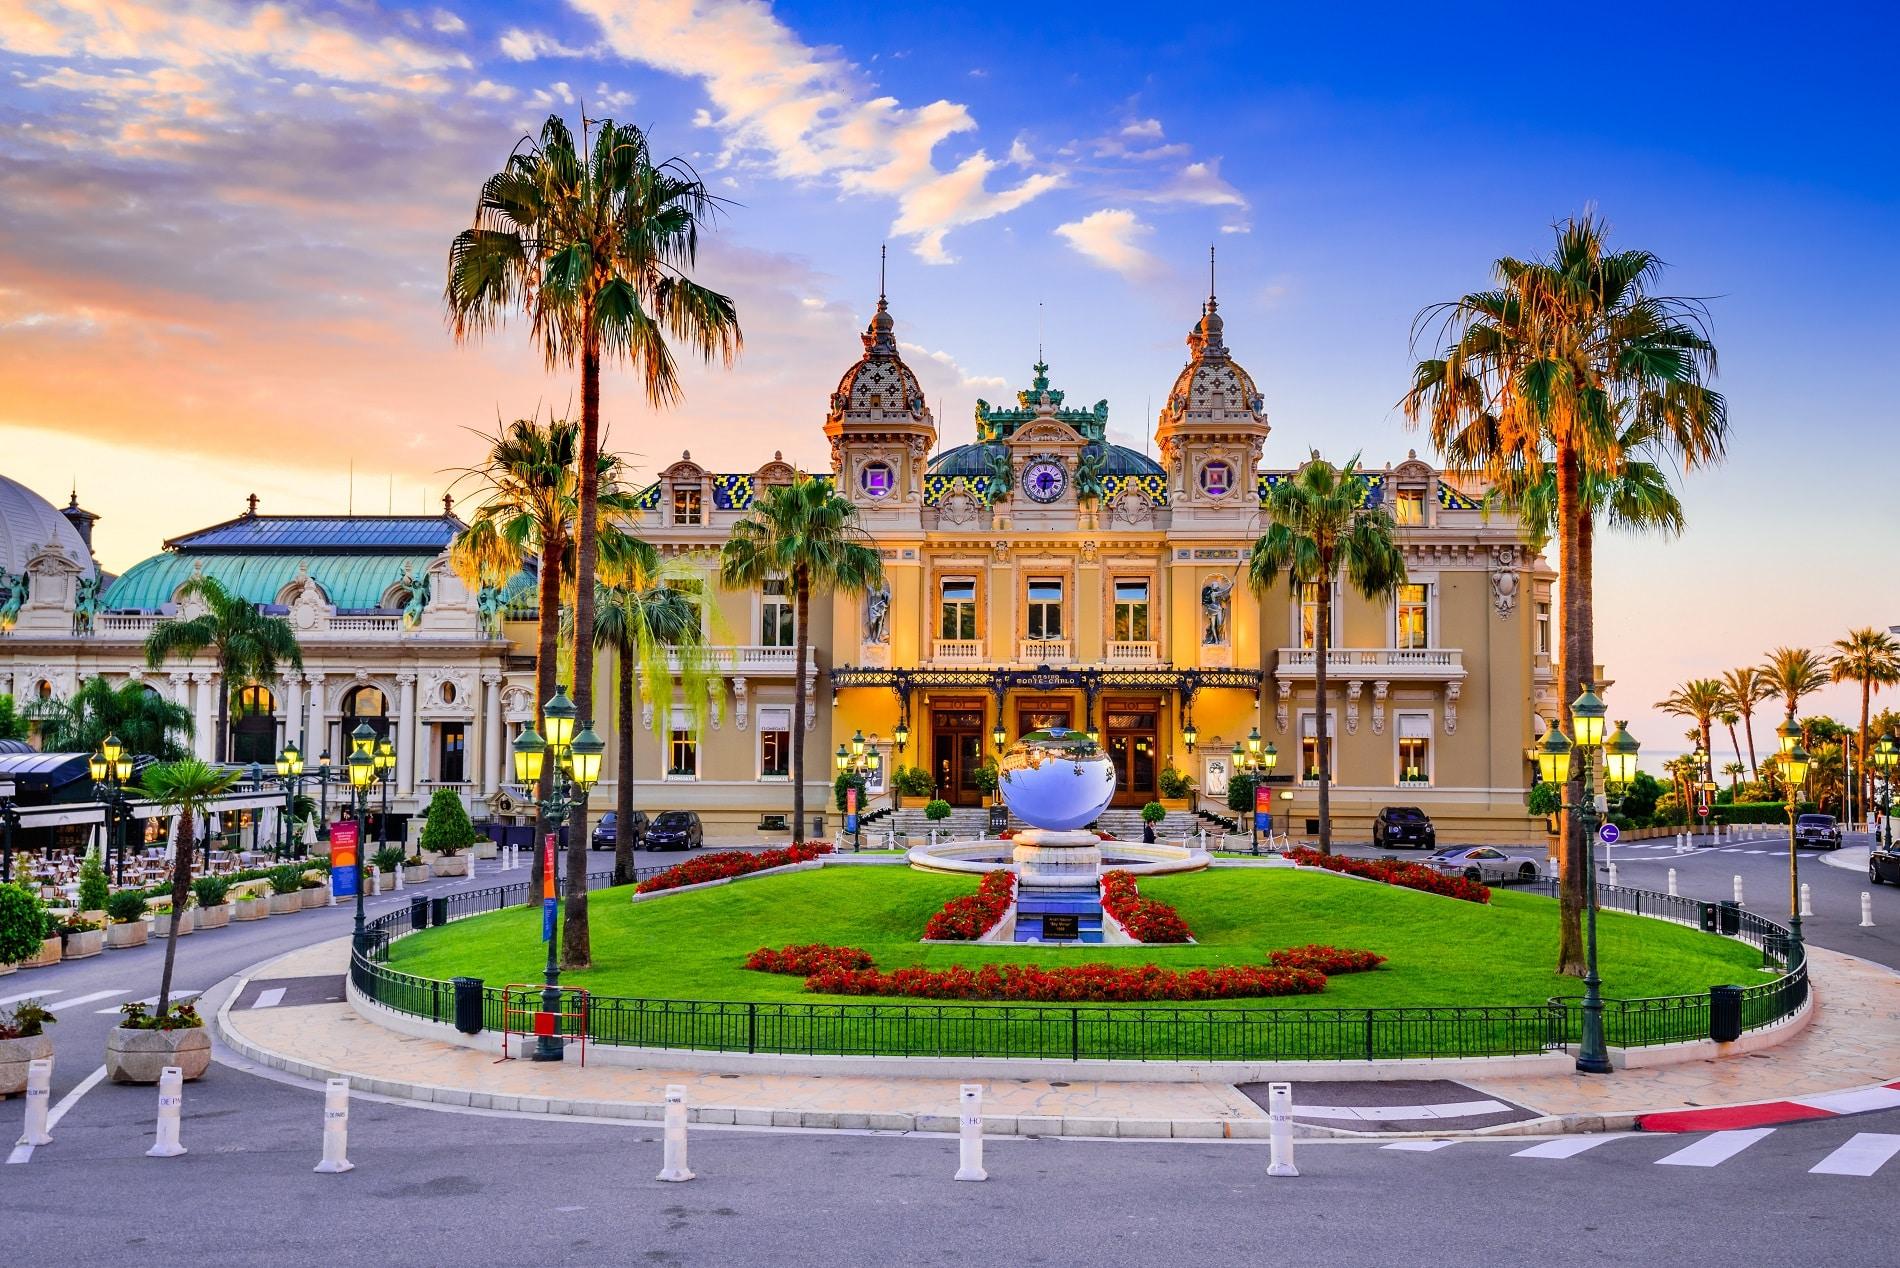 Monte Carlo, Monaco - Casino